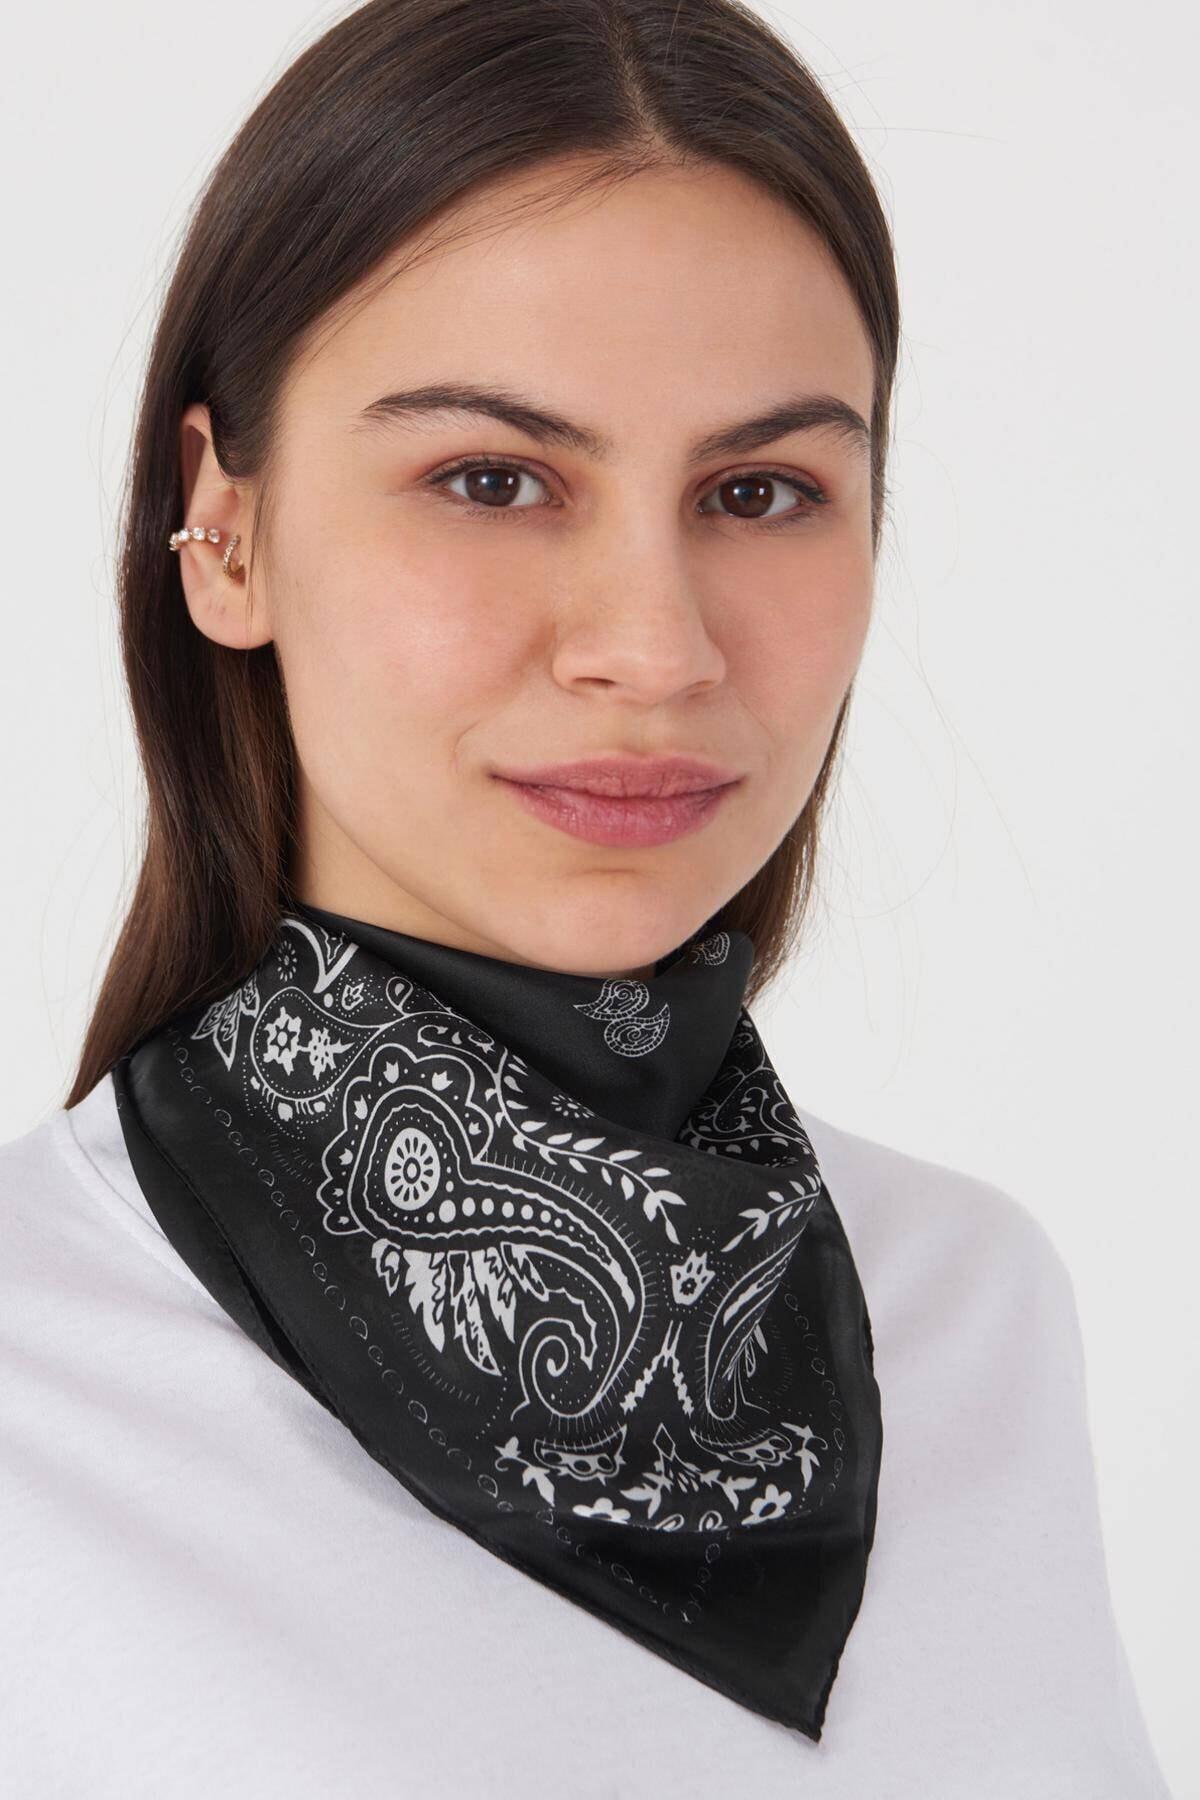 Addax Kadın Siyah Beyaz Desenli Fular F62 - E3 Adx-0000023741